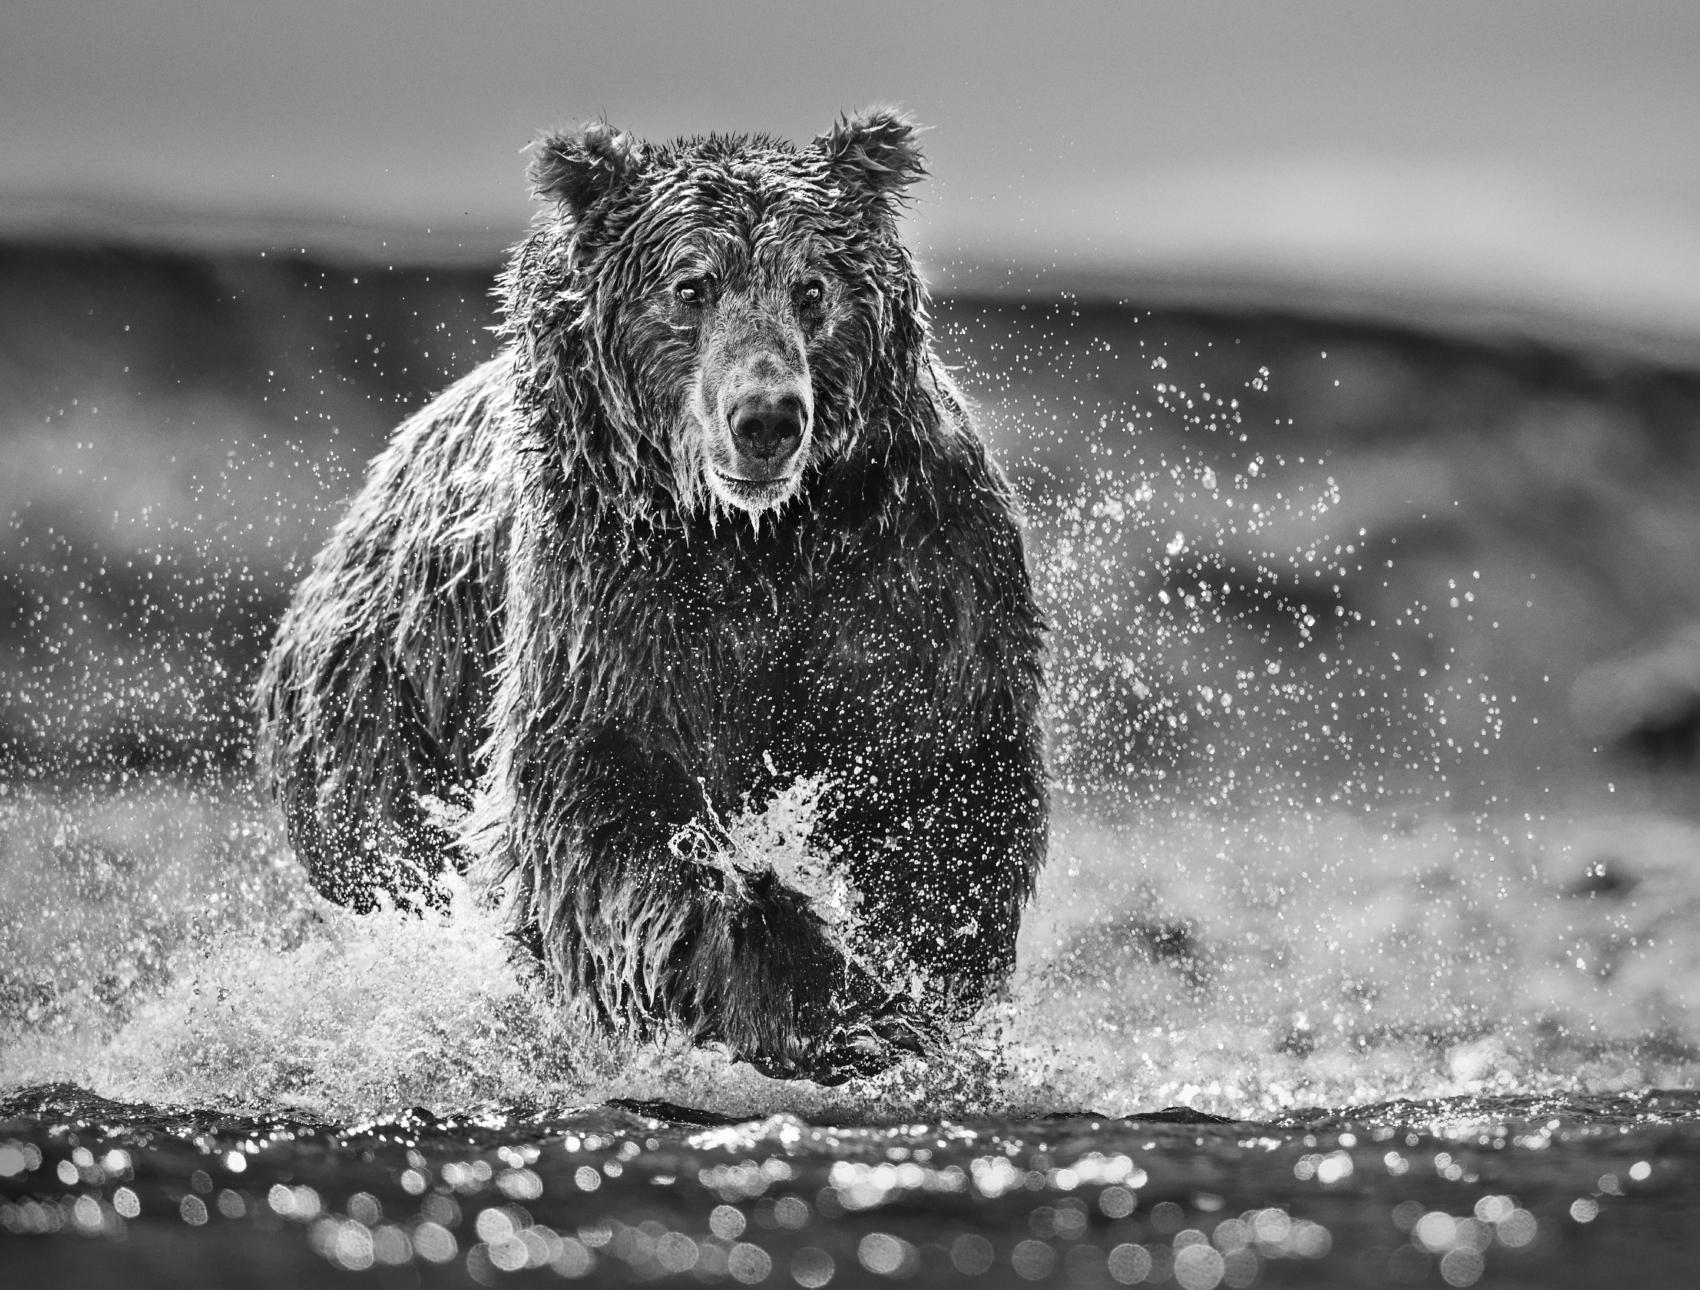 David-Yarrow-The-Happy-Bear